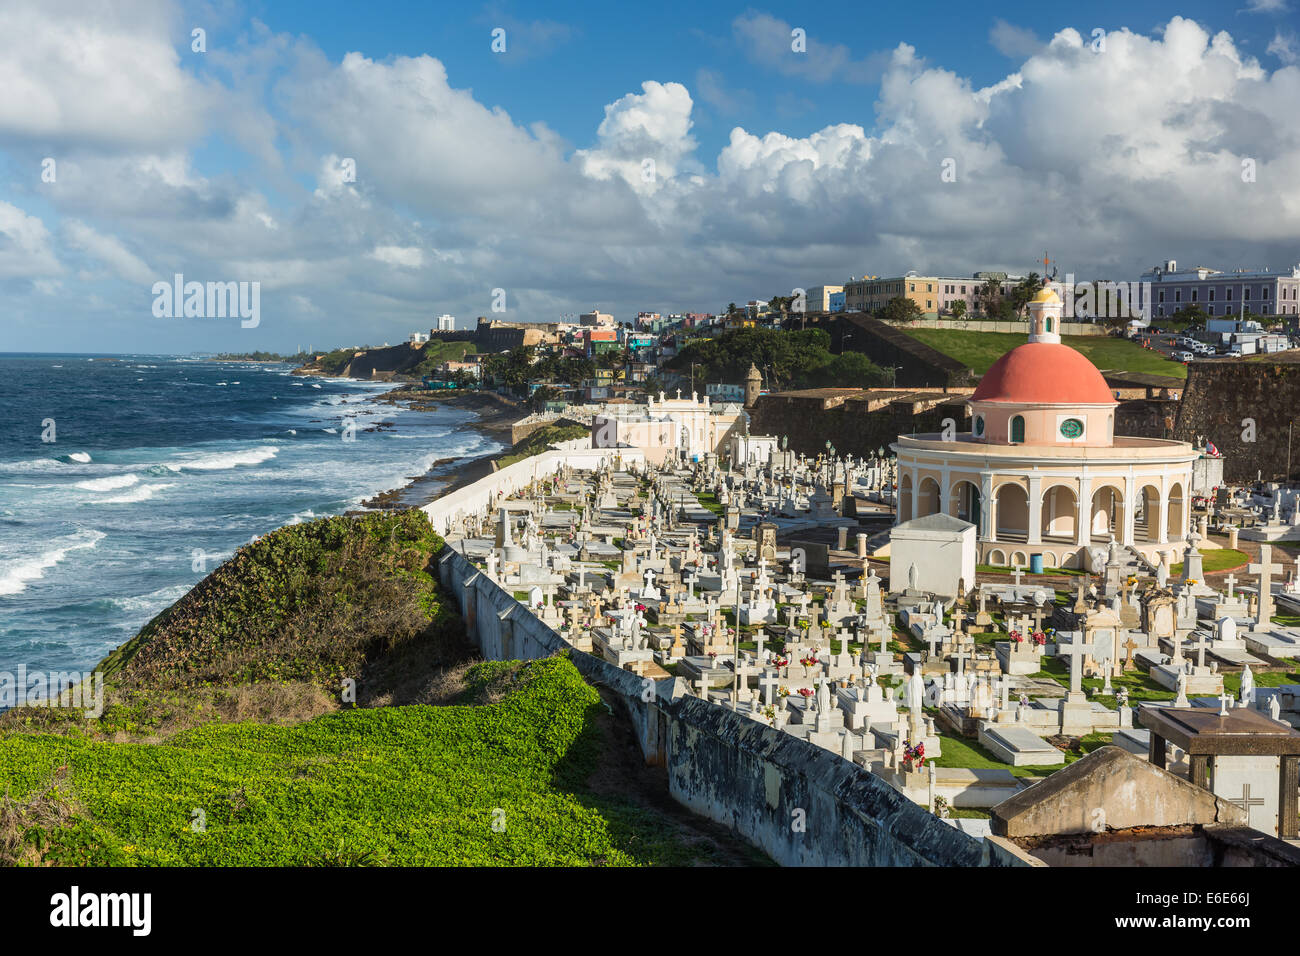 El cementerio Santa María Magdalena, San Juan de Puerto Rico Imagen De Stock